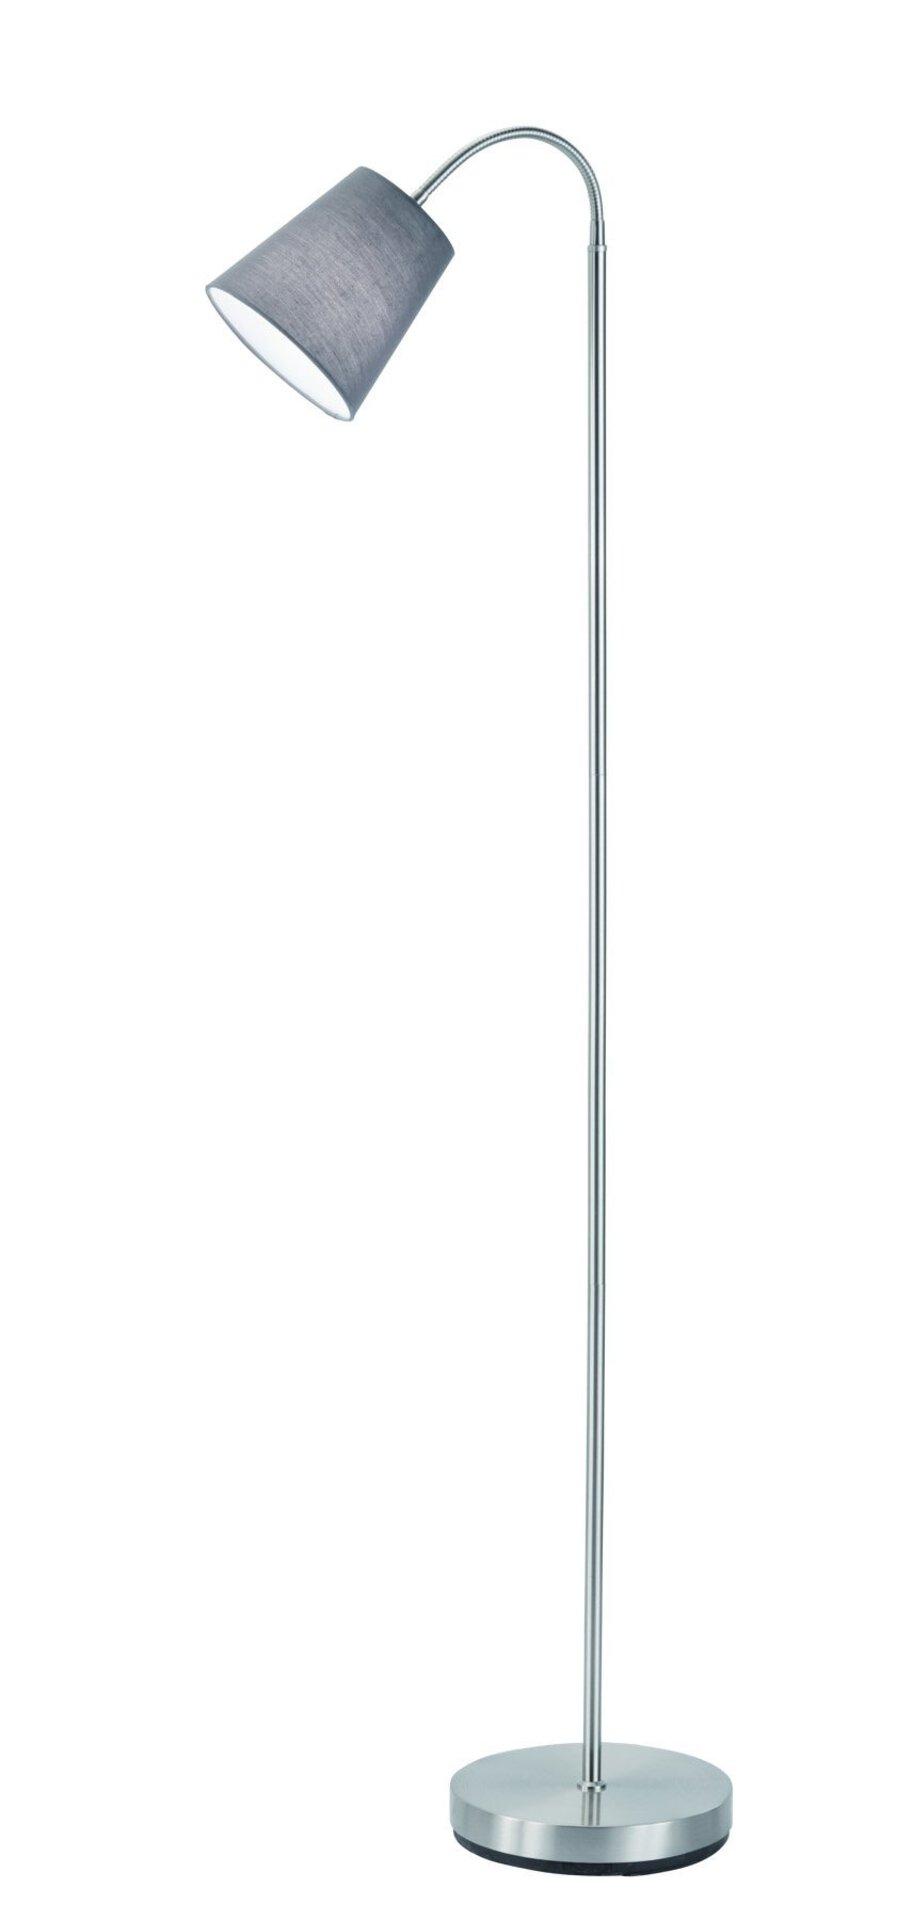 Stehleuchte Windu Reality Leuchten Metall grau 23 x 140 x 23 cm